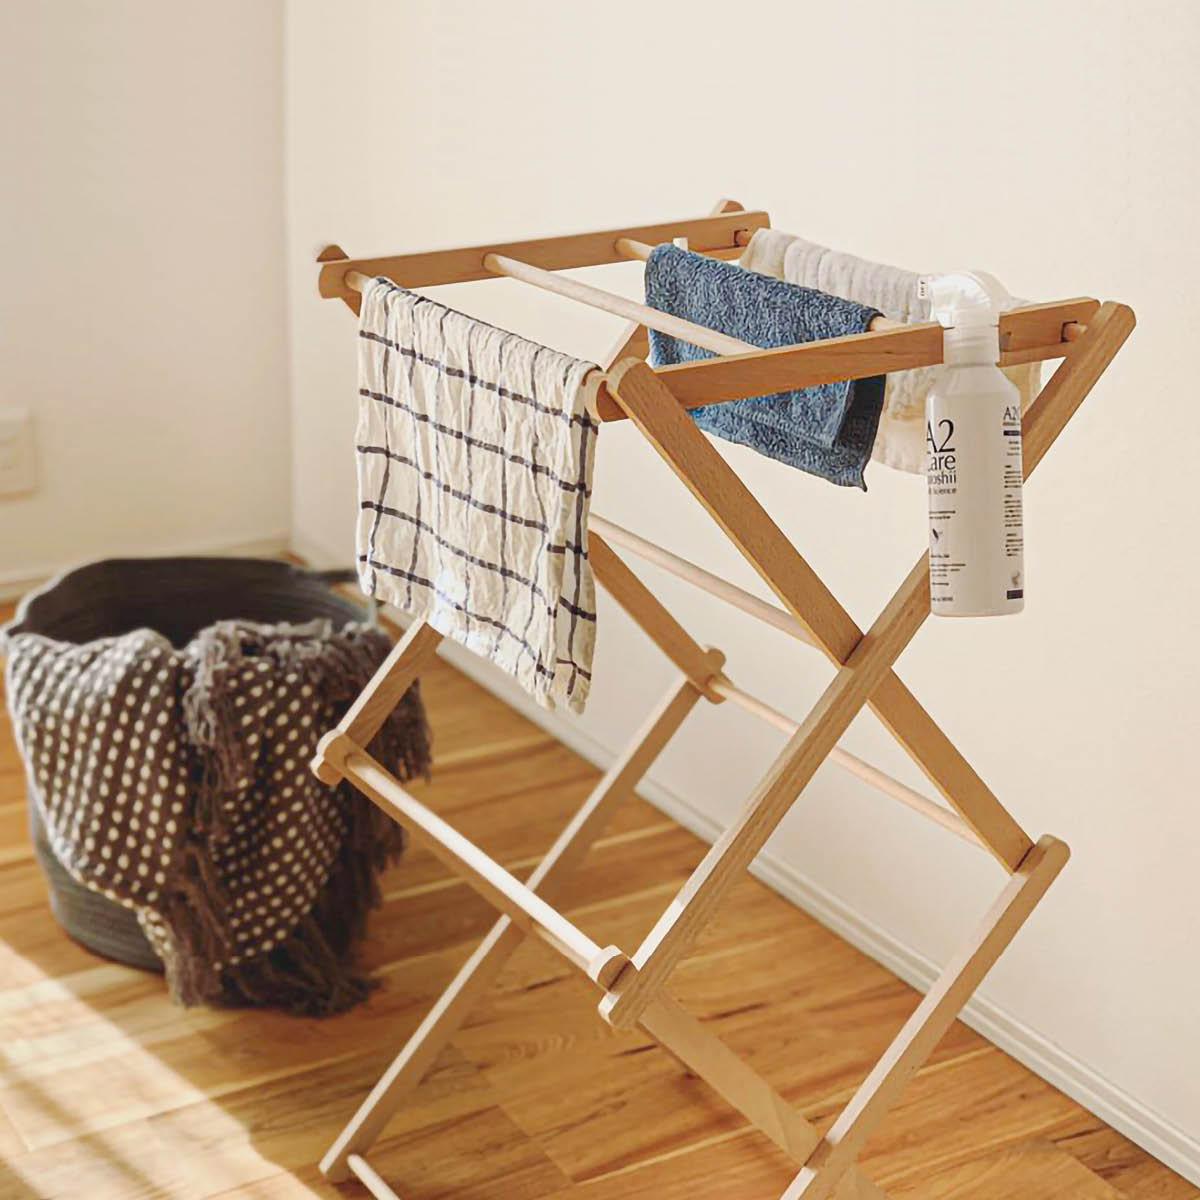 タオルハンガー 木製 折りたたみ [〈BIERTA ビエルタ〉クロスドライヤー-ミニ] 物干し タオル干し 部屋干し#SALE_LA